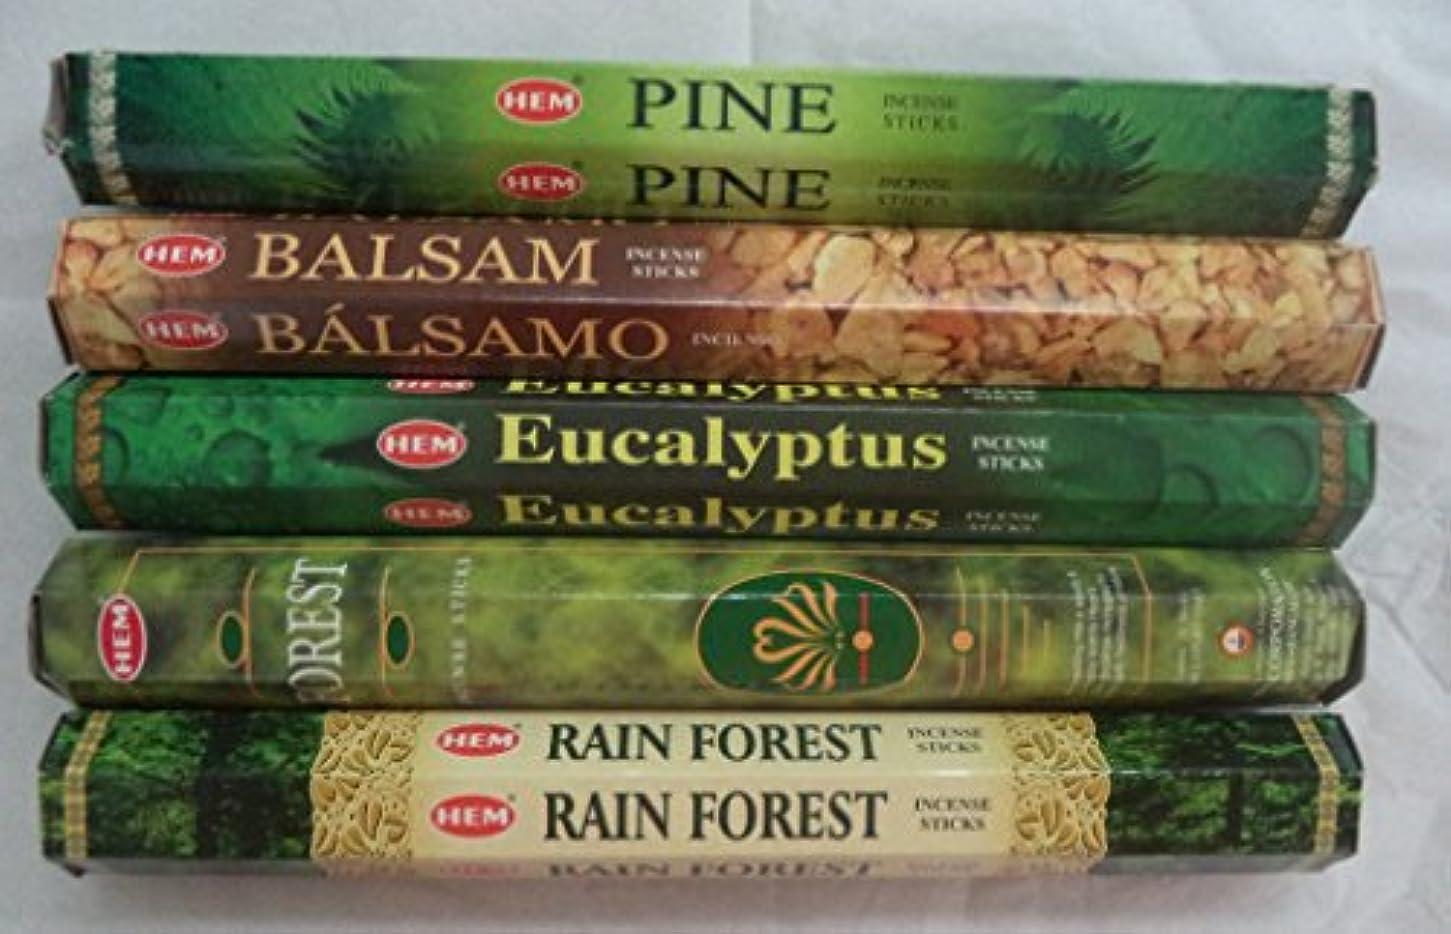 くしゃみくすぐったい放棄Hemお香Pine Balsamユーカリフォレスト最初雨5 x 20、100 Sticks